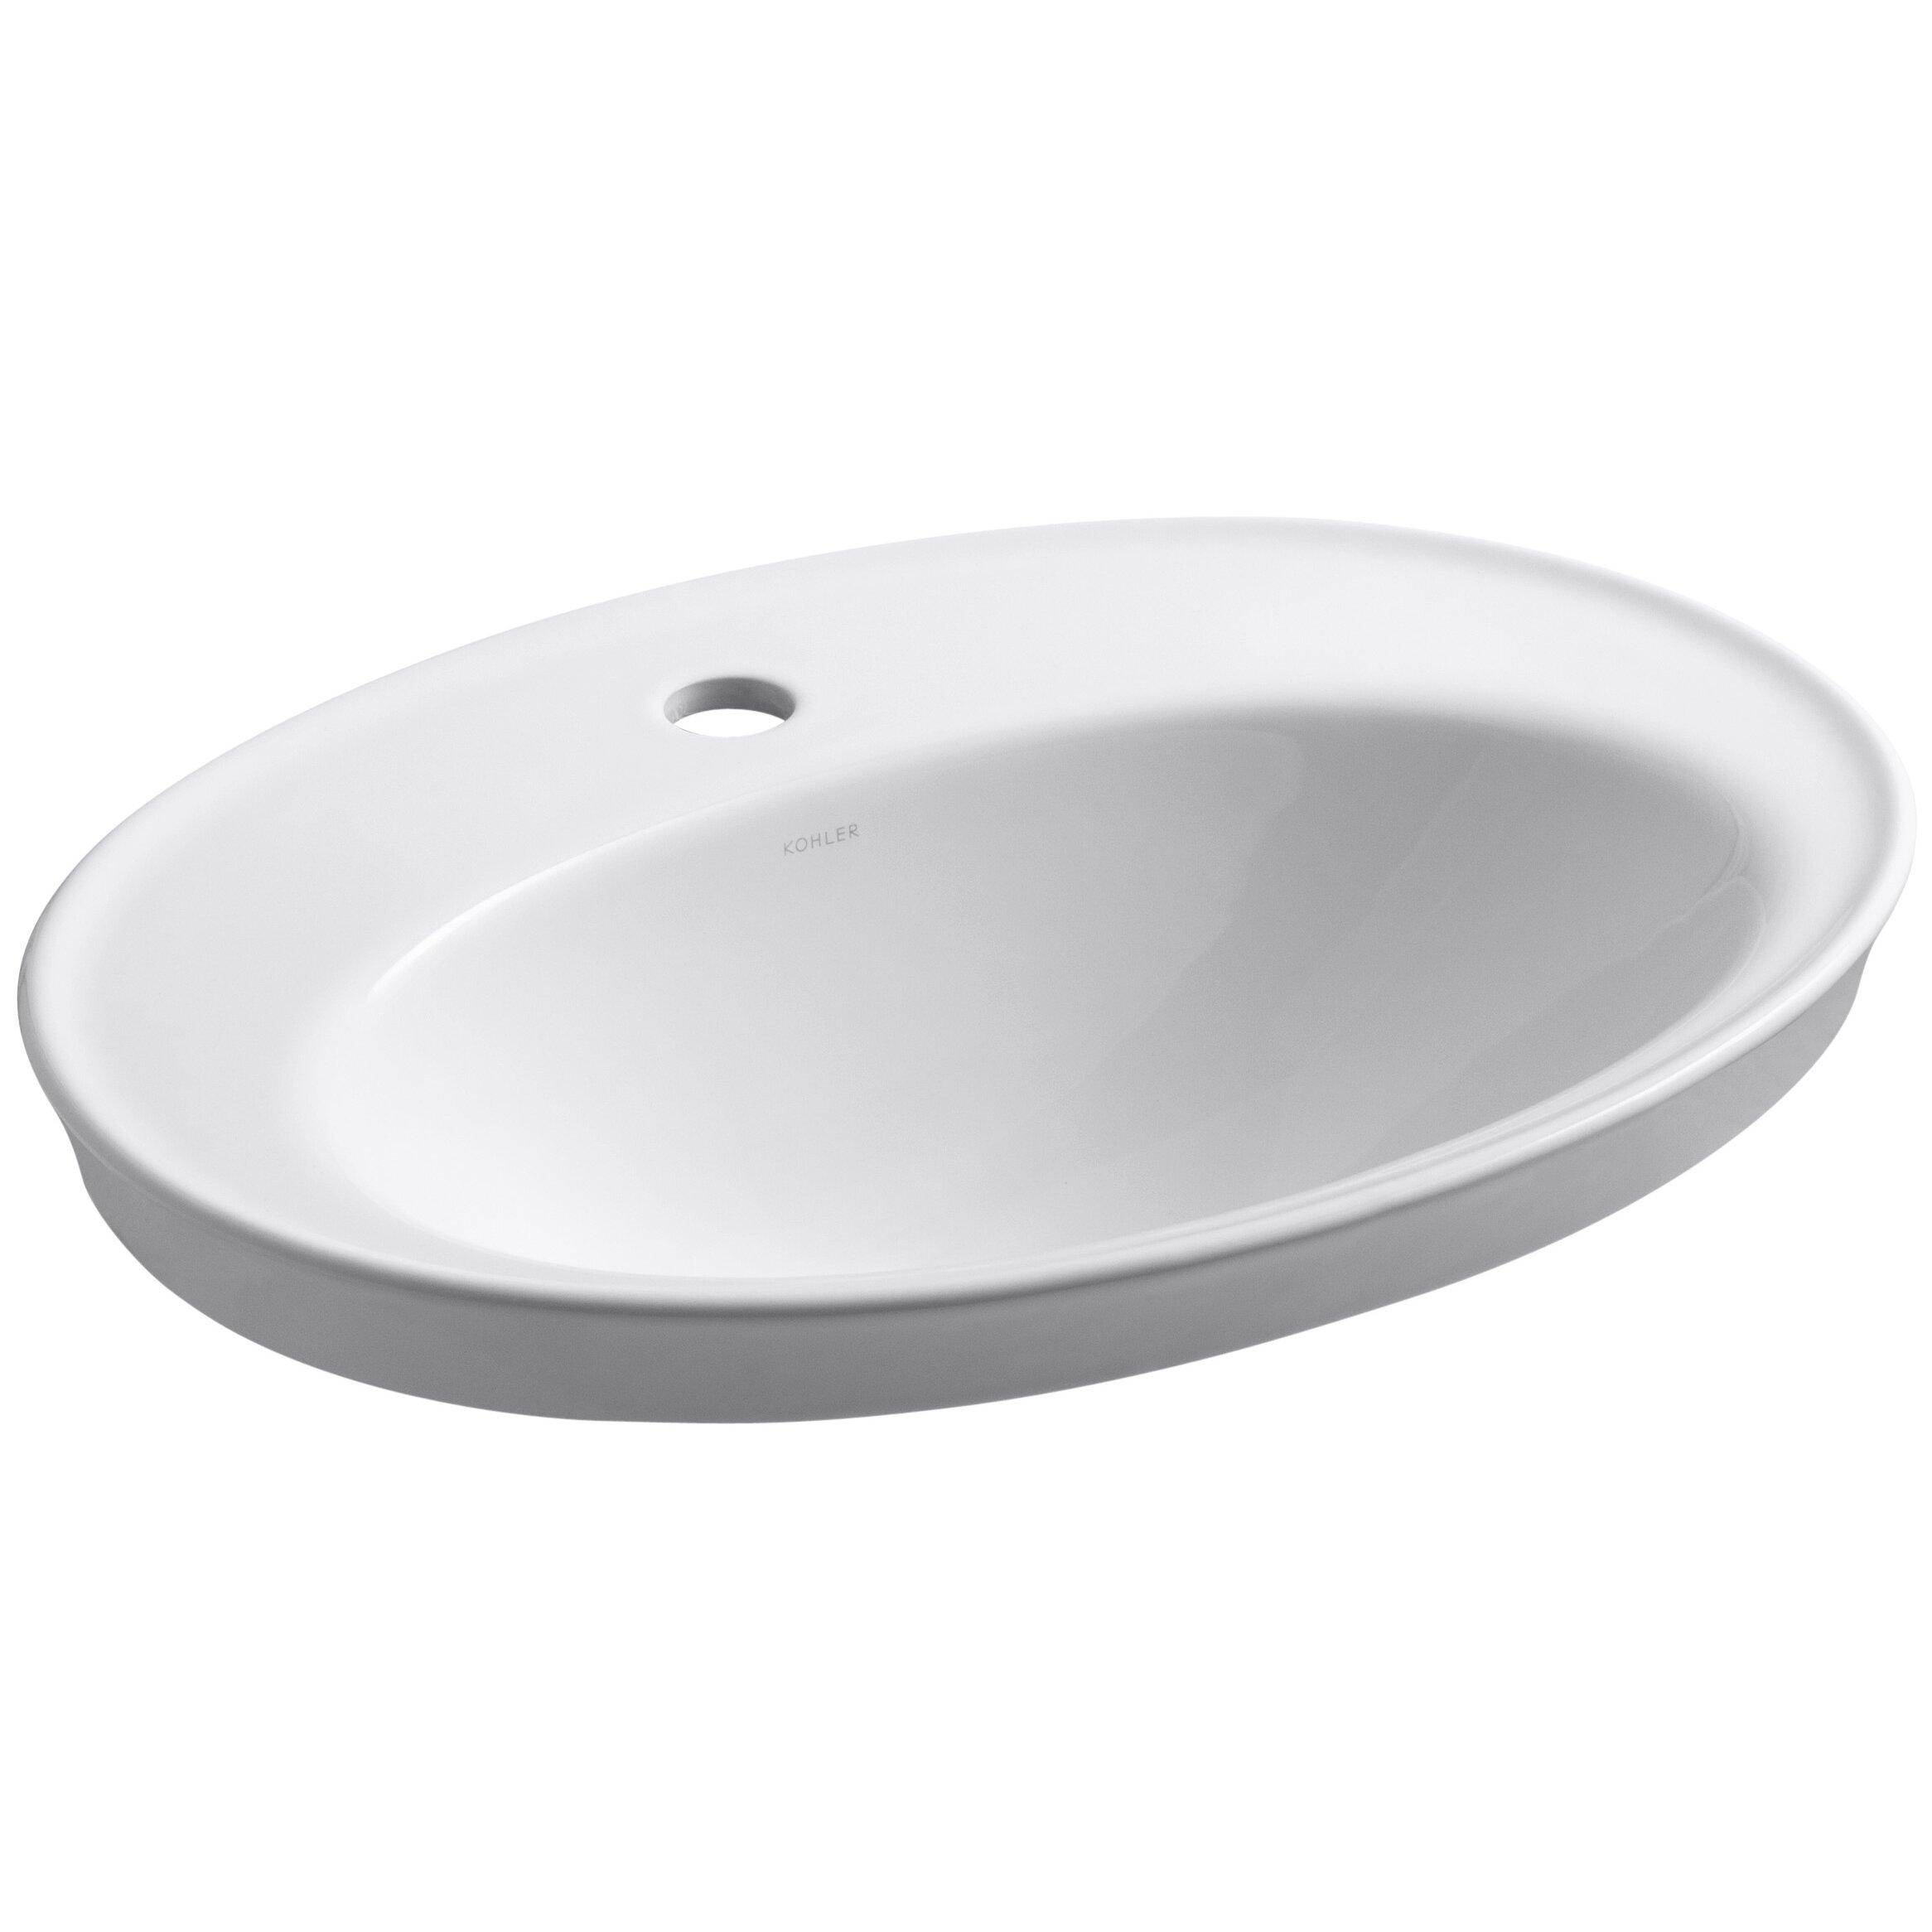 Kohler Serif Drop In Bathroom Sink Reviews Wayfair